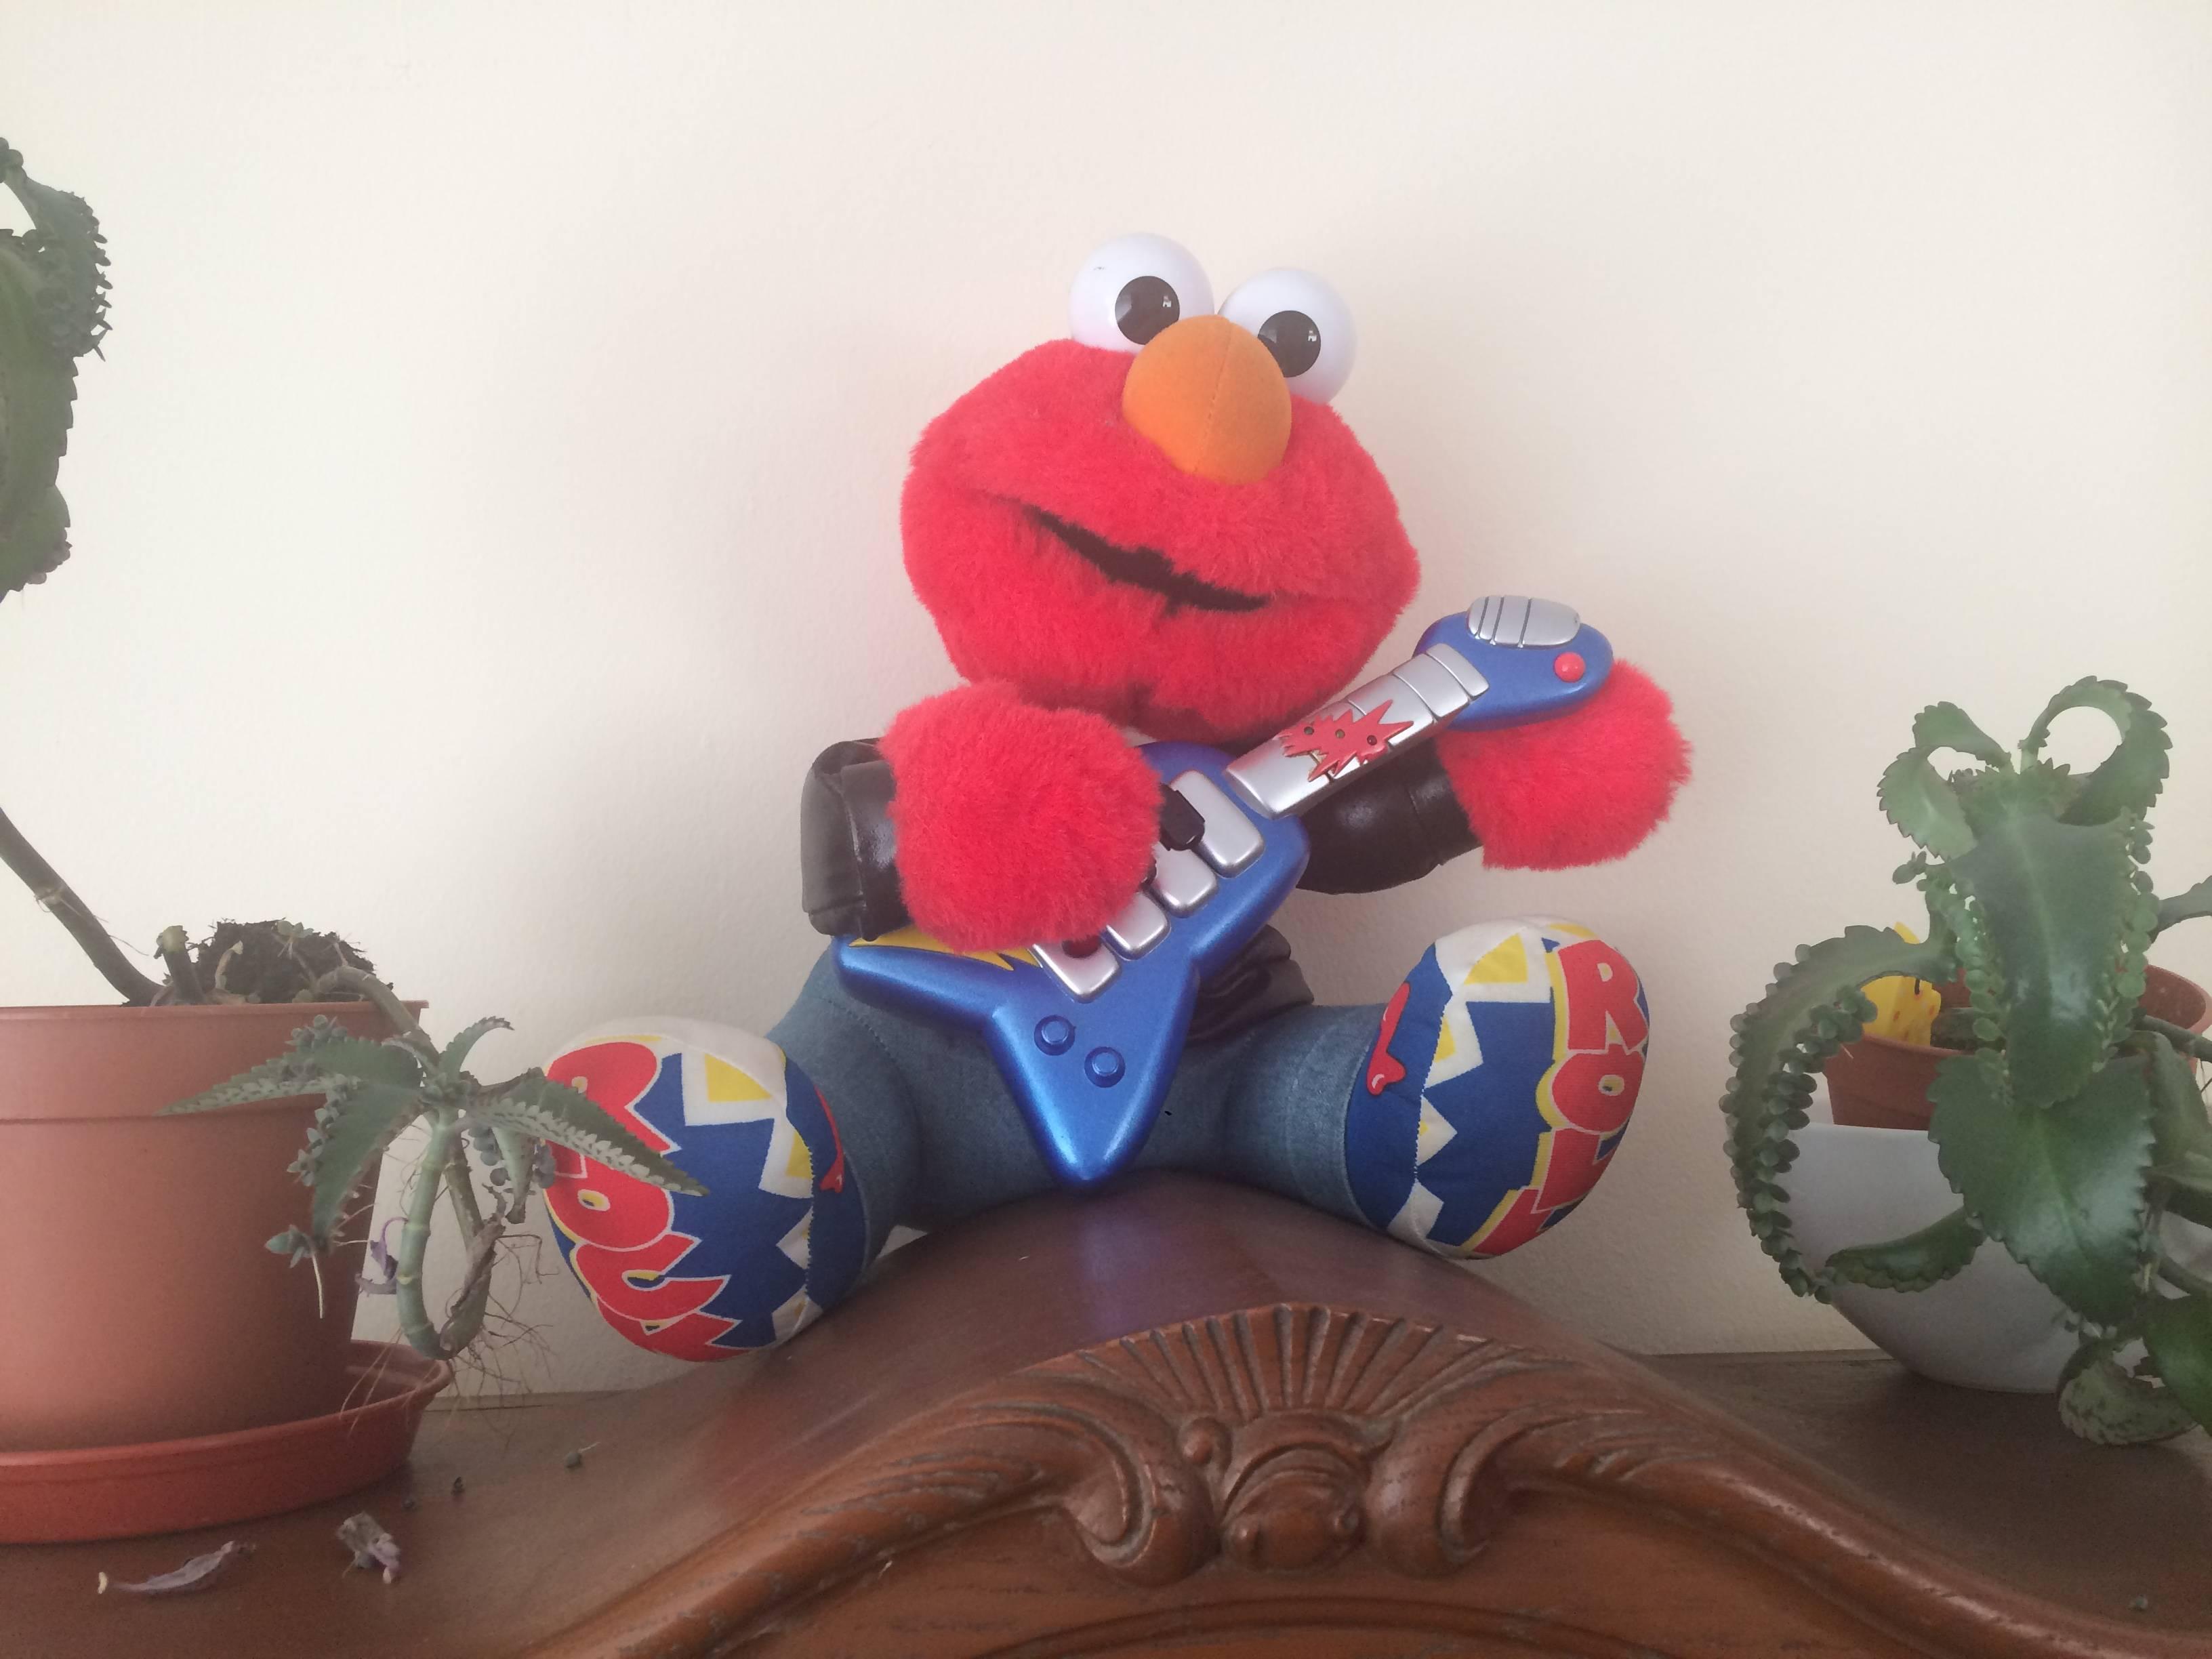 Elmo with Guitar